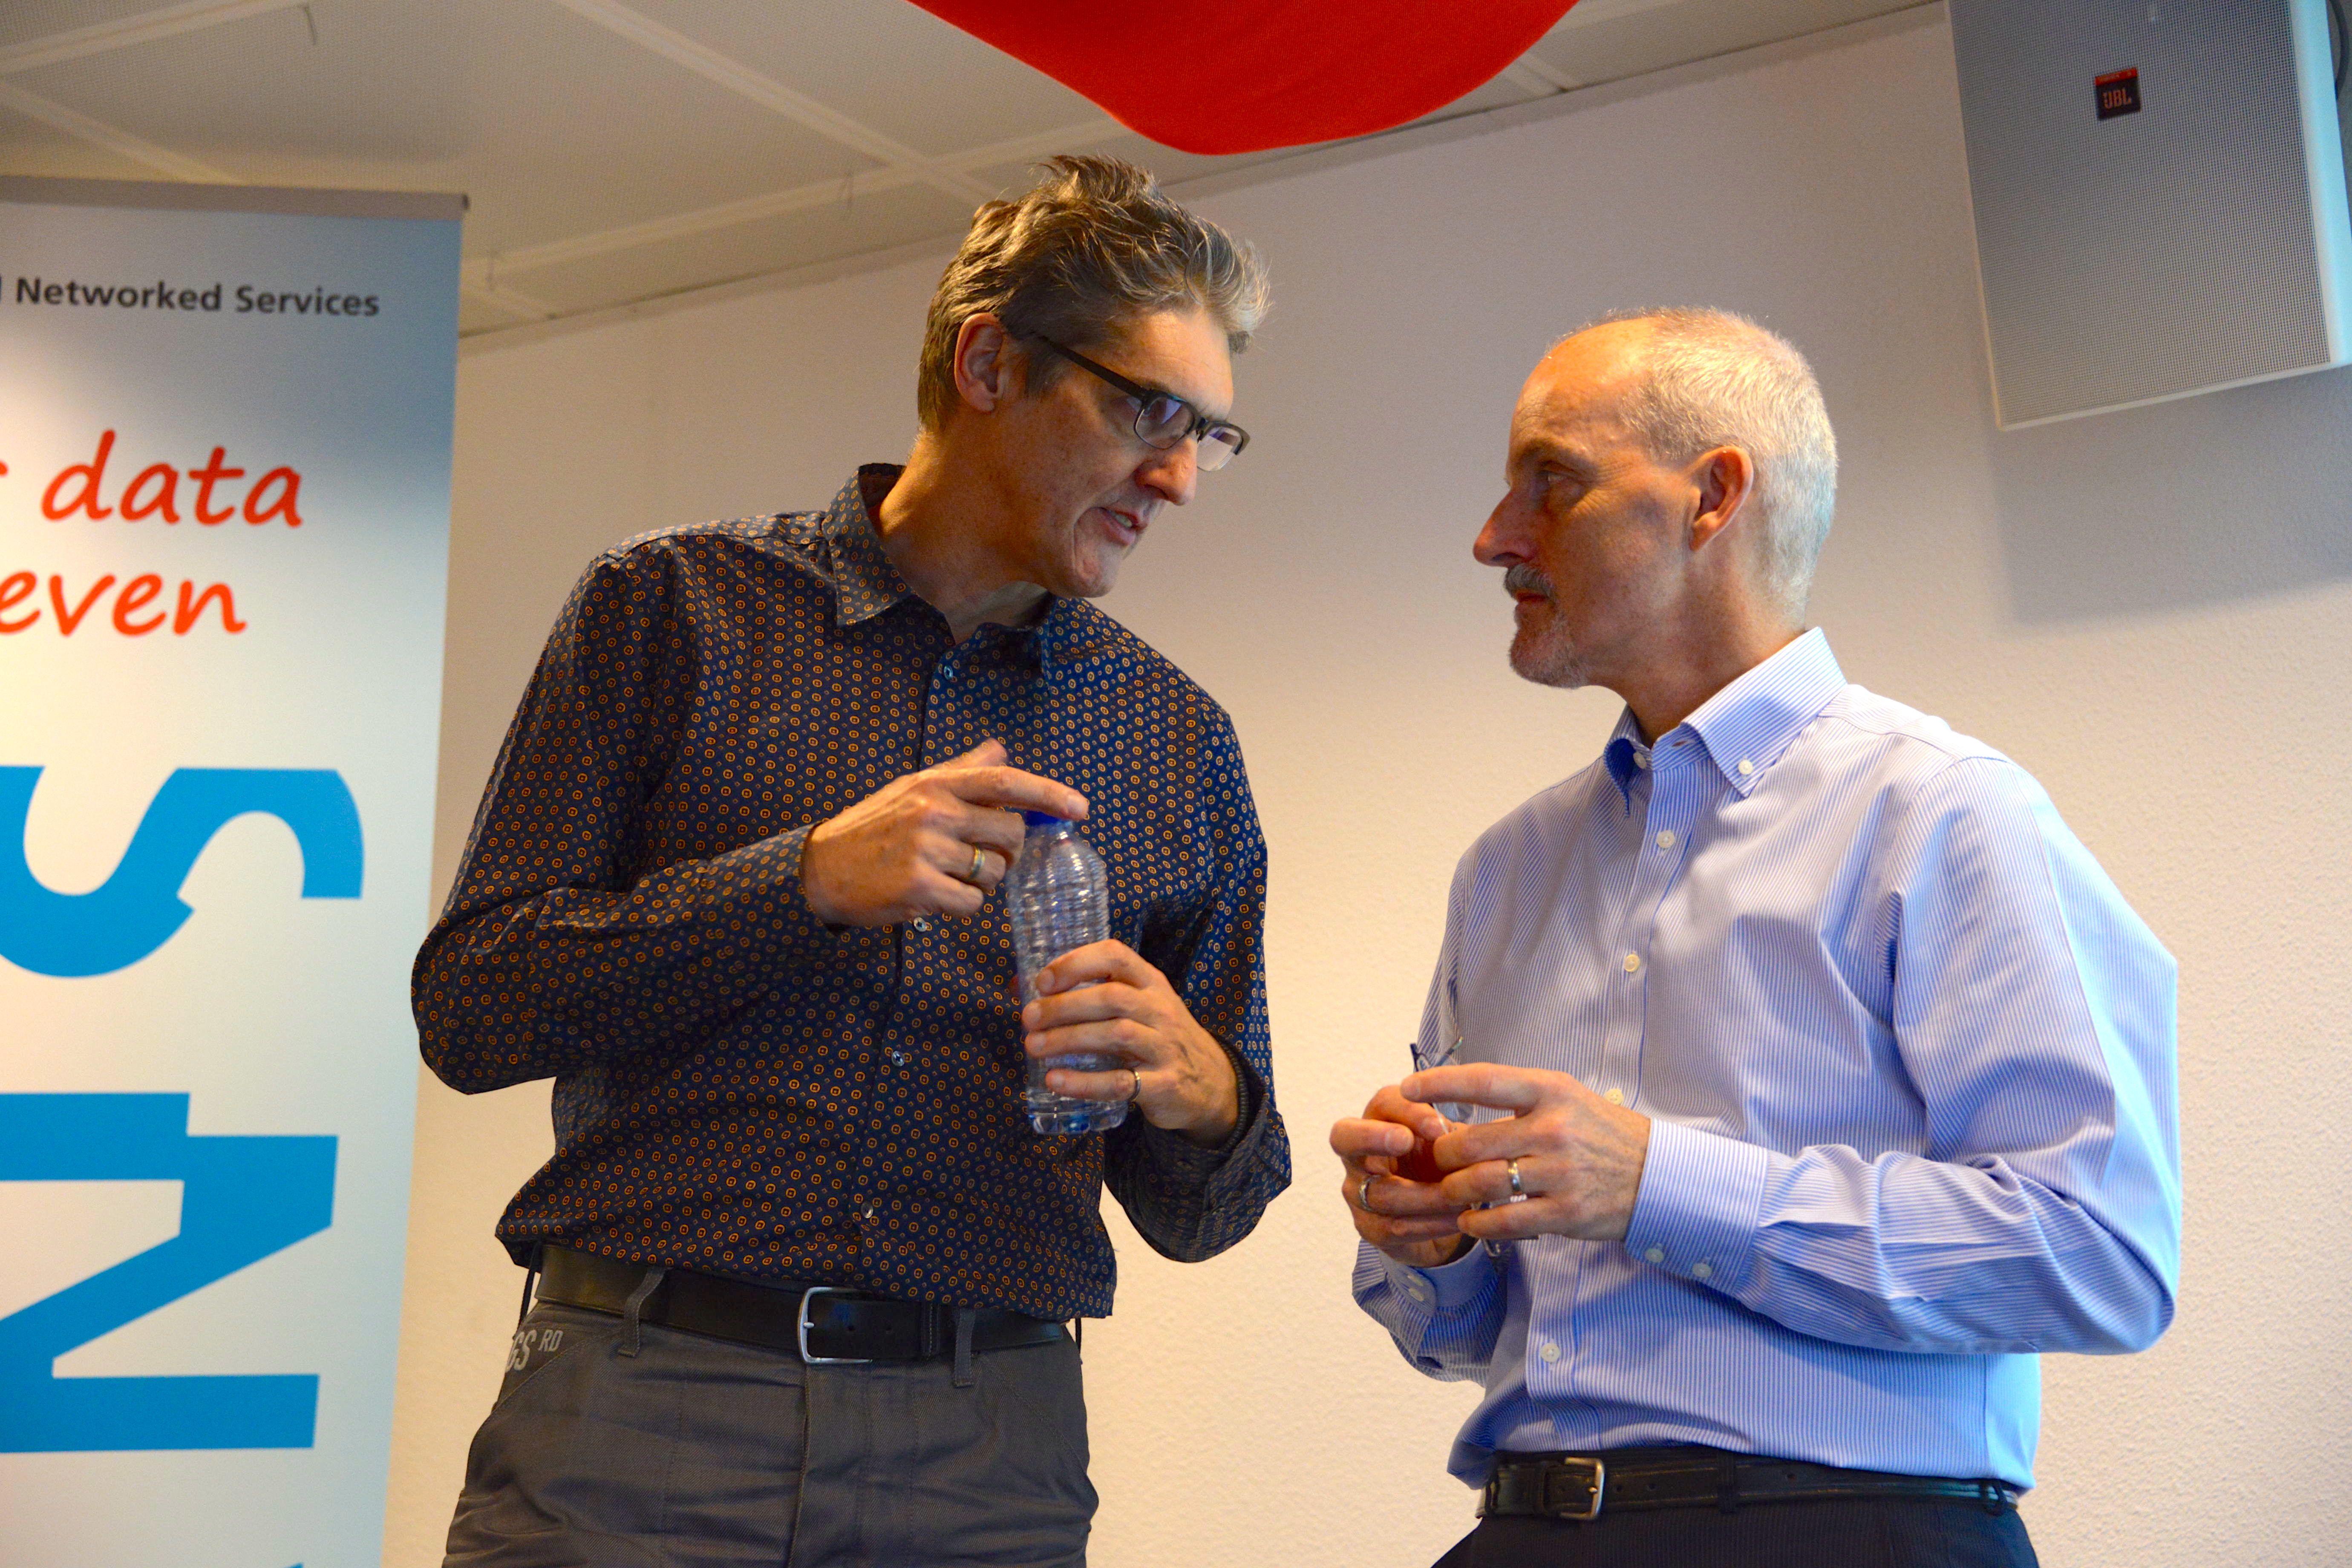 Two 'great thinkers and doers' confer - Herbert van de Sompel (left) and Andrew Treloar